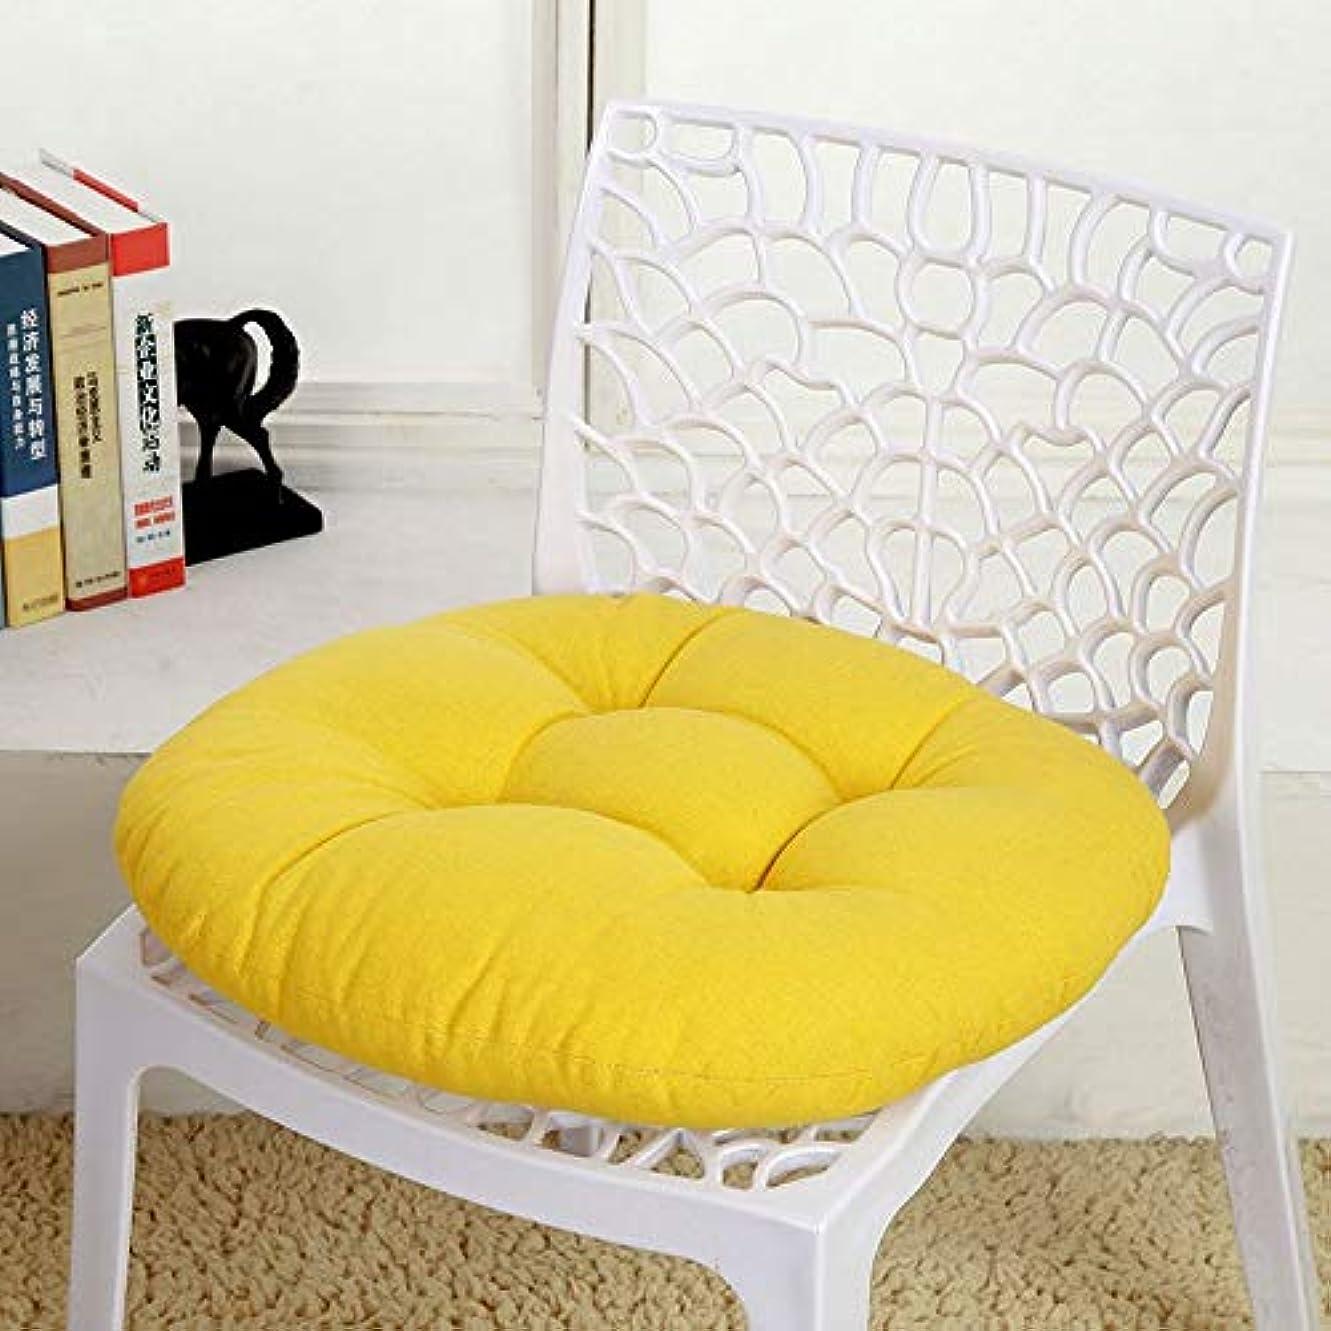 鋭くワゴン百SMART キャンディカラーのクッションラウンドシートクッション波ウィンドウシートクッションクッション家の装飾パッドラウンド枕シート枕椅子座る枕 クッション 椅子